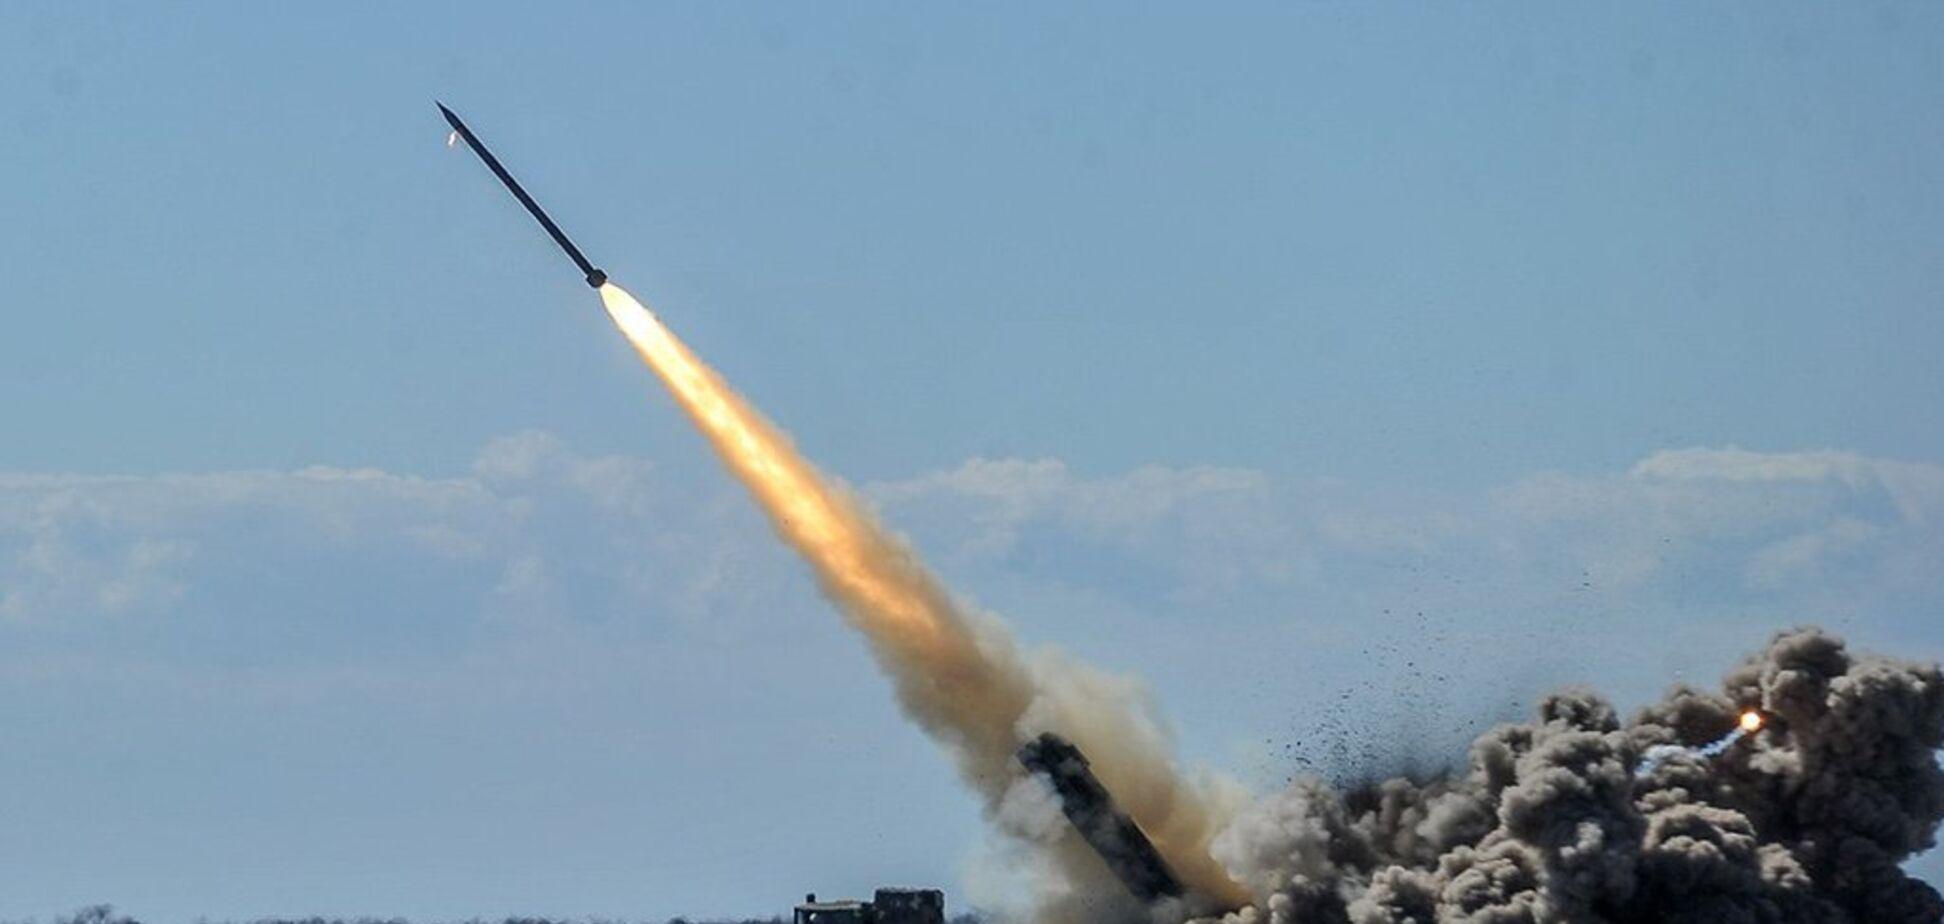 Дістане за 130 км: у РНБО уточнили долю суперзброї для ЗСУ